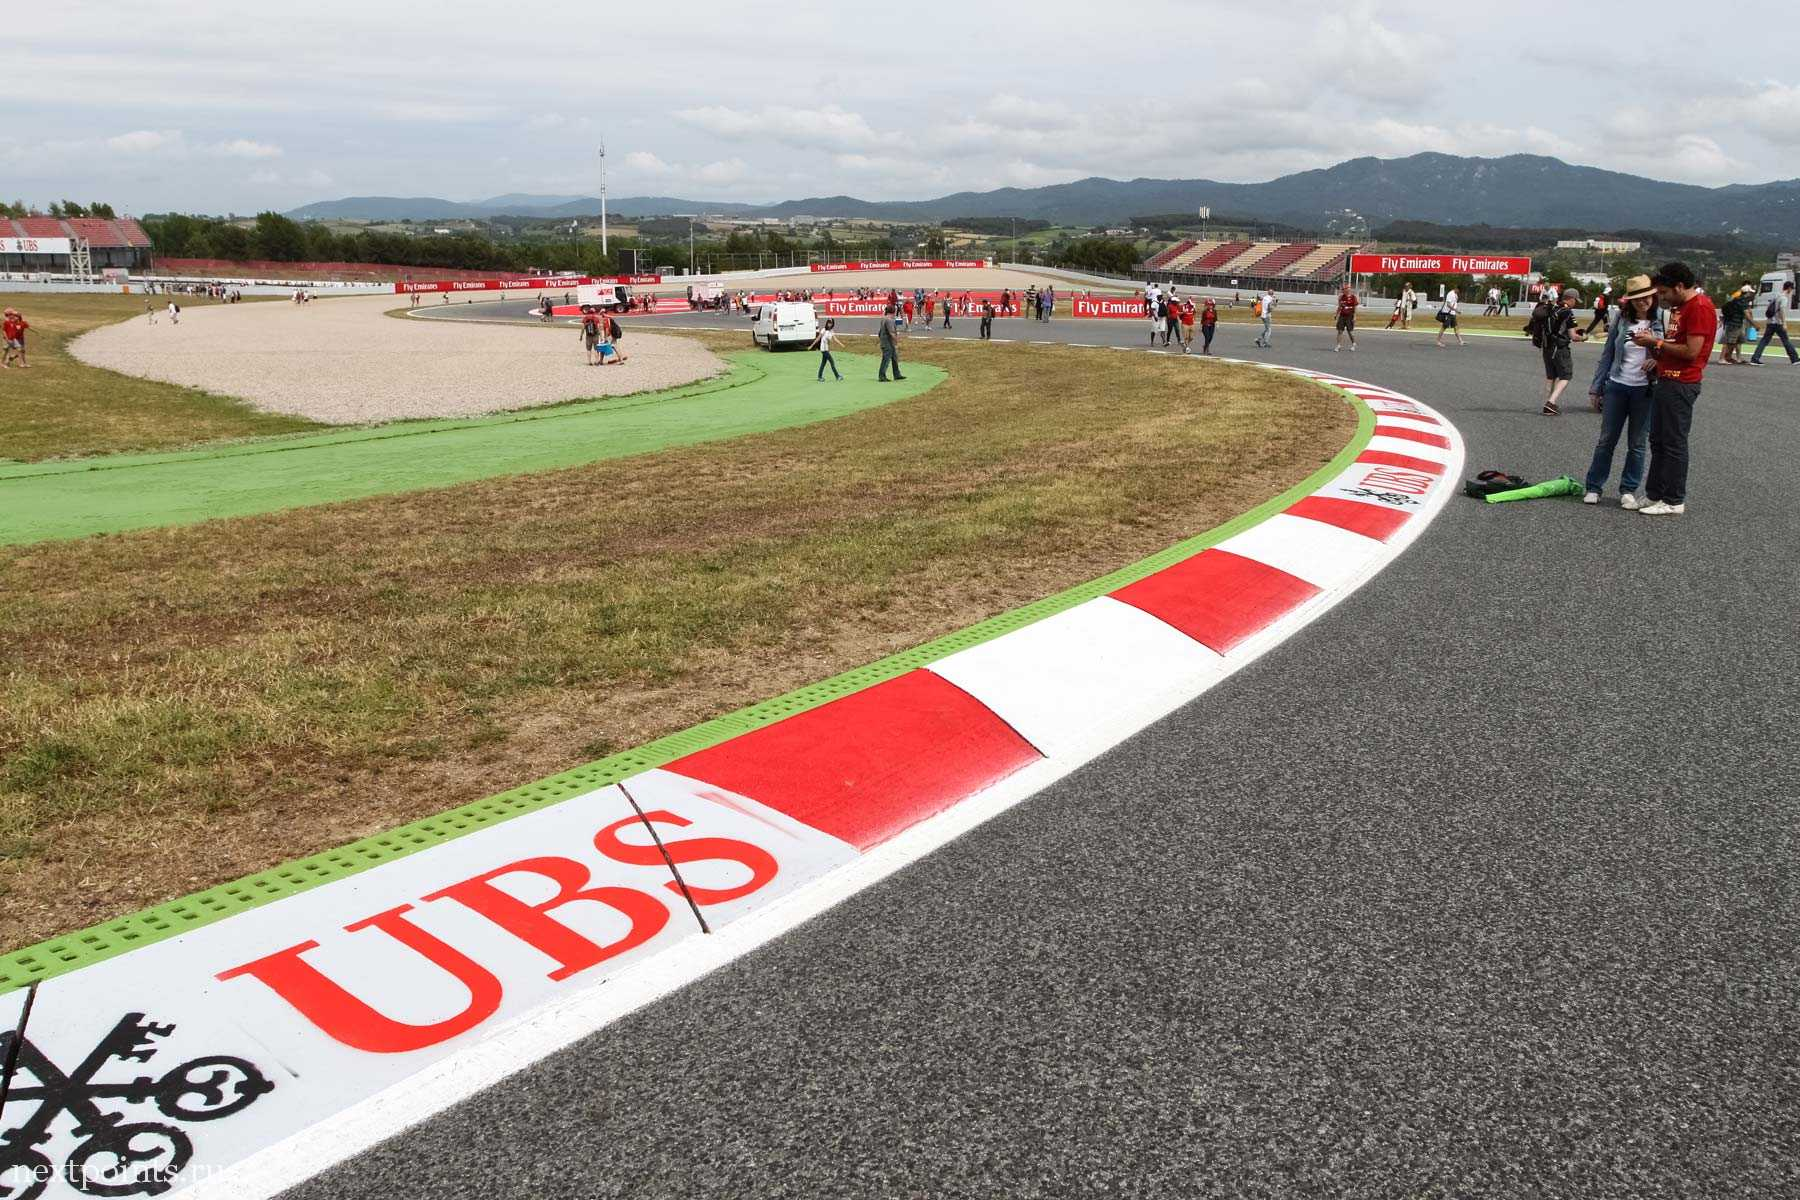 Гуляем по трассе Формулы 1 в Испании